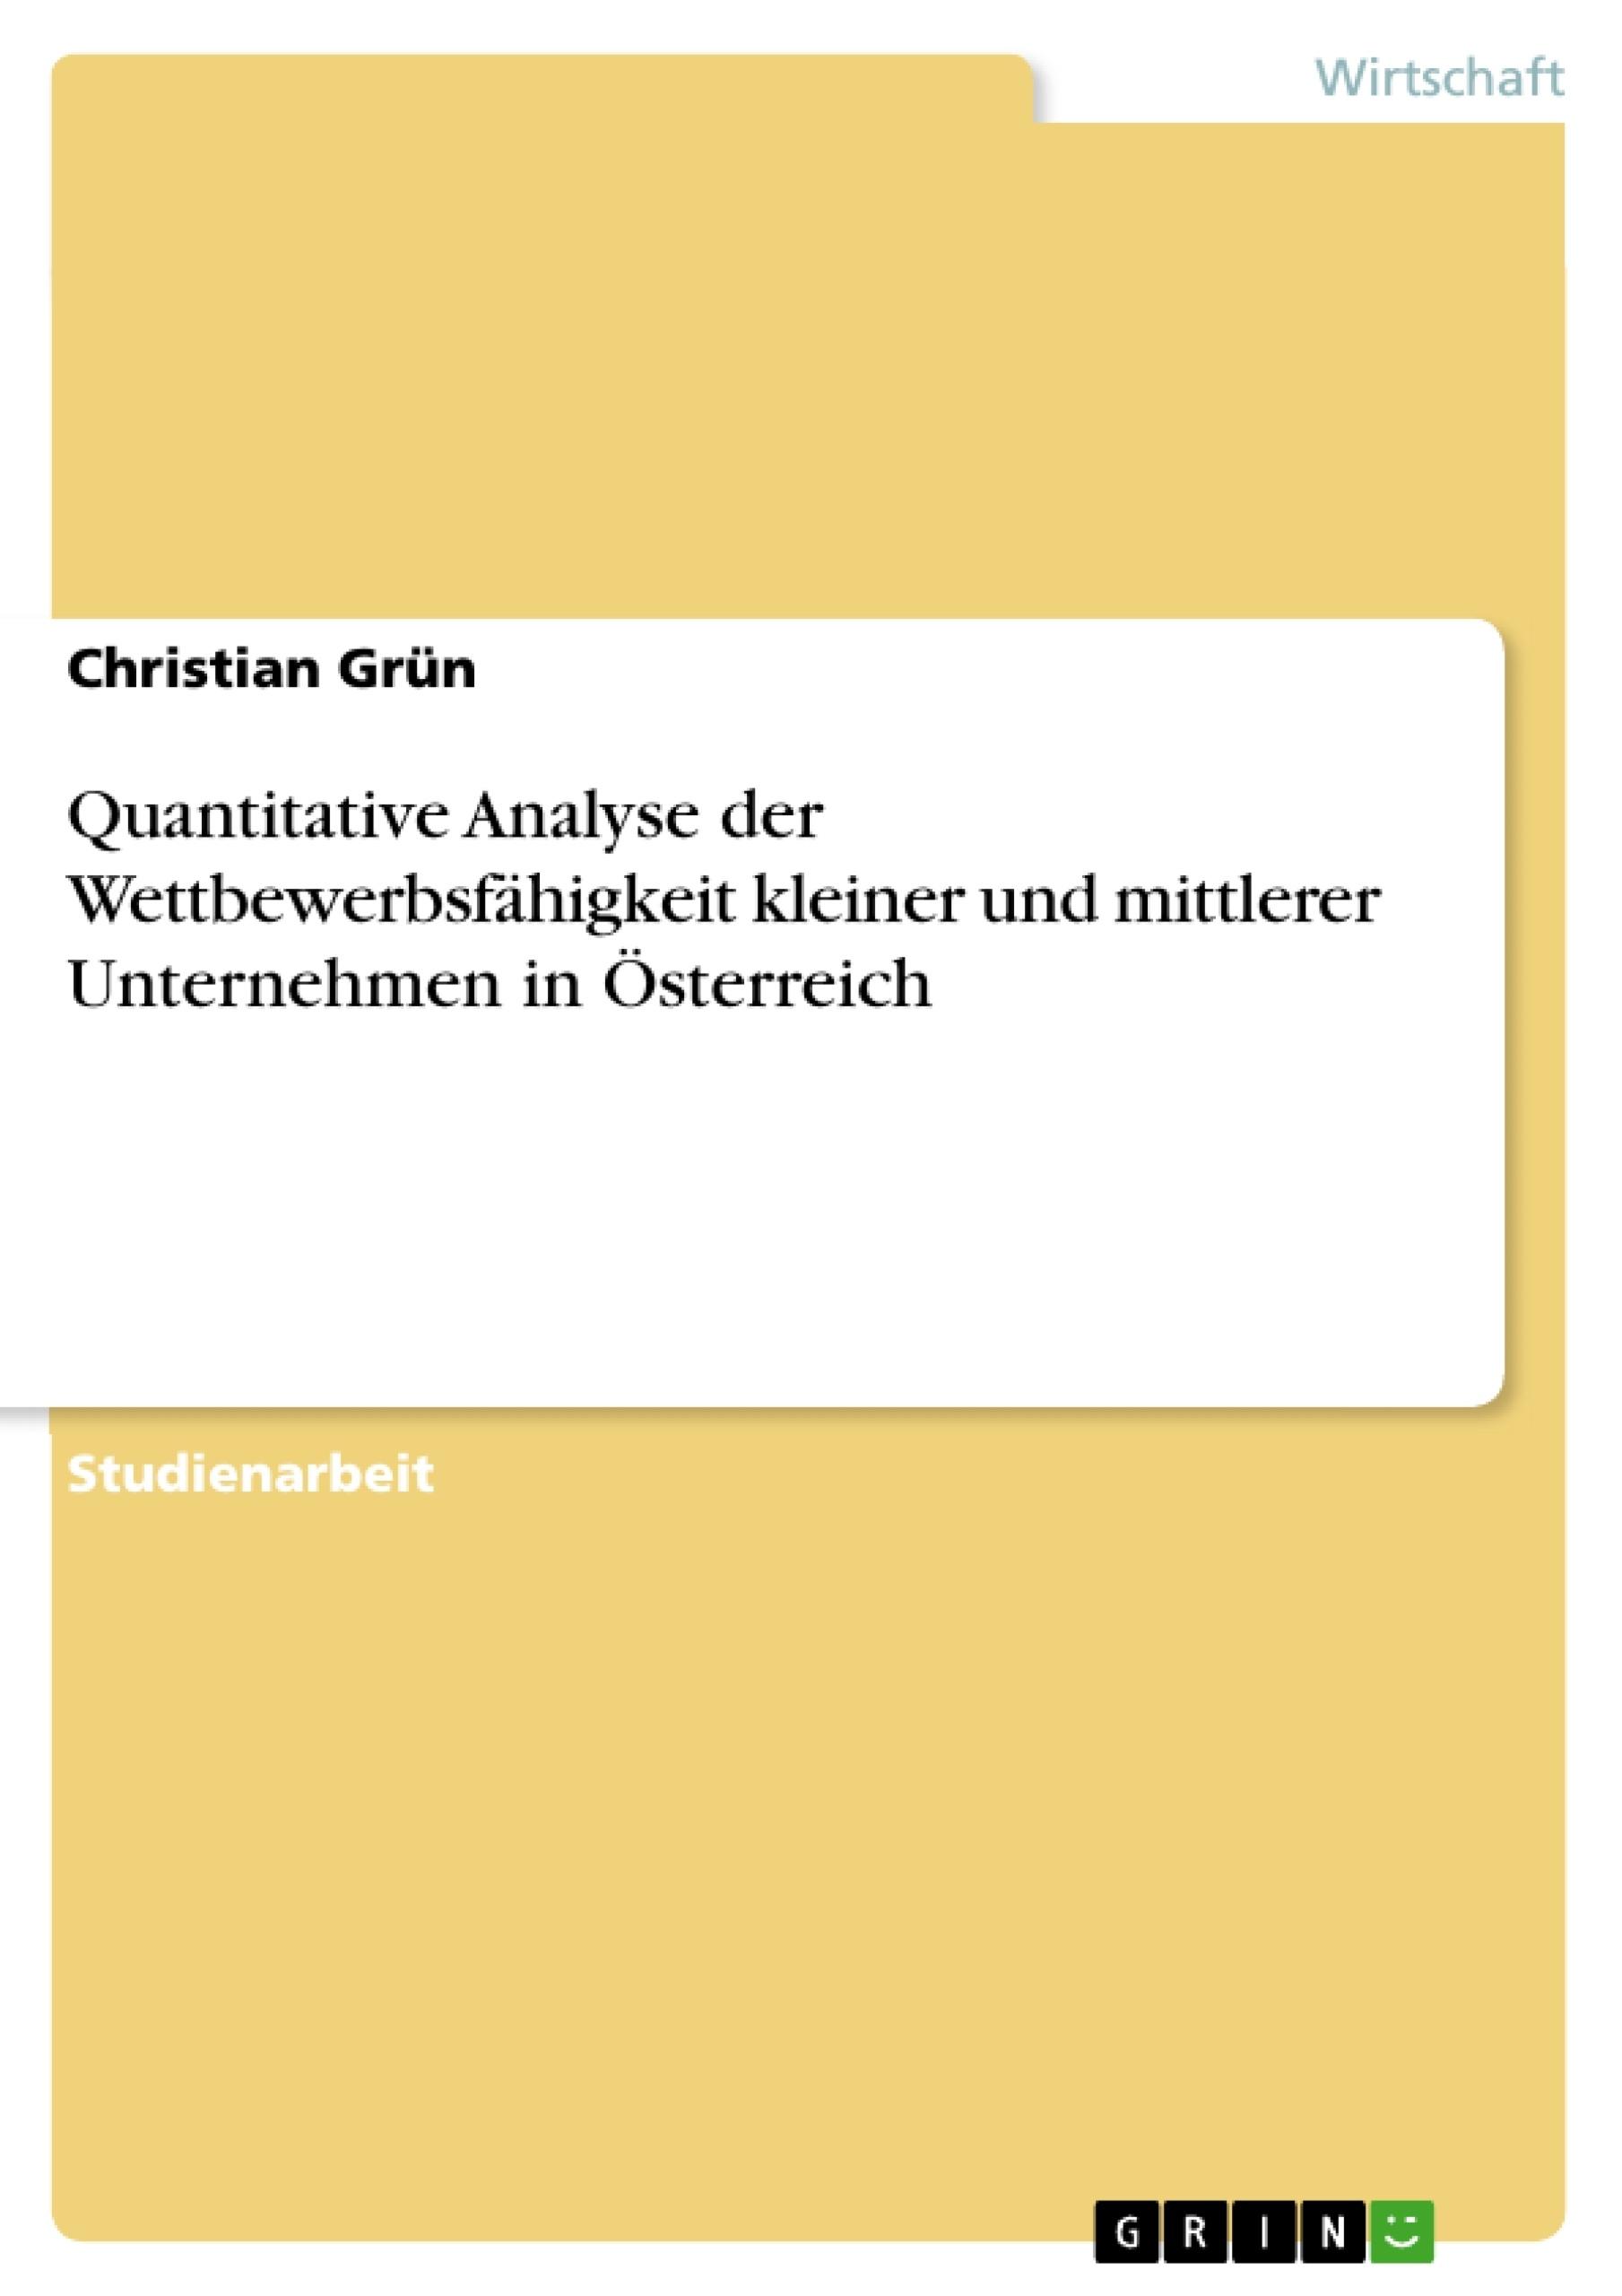 Titel: Quantitative Analyse der Wettbewerbsfähigkeit kleiner und mittlerer Unternehmen in Österreich